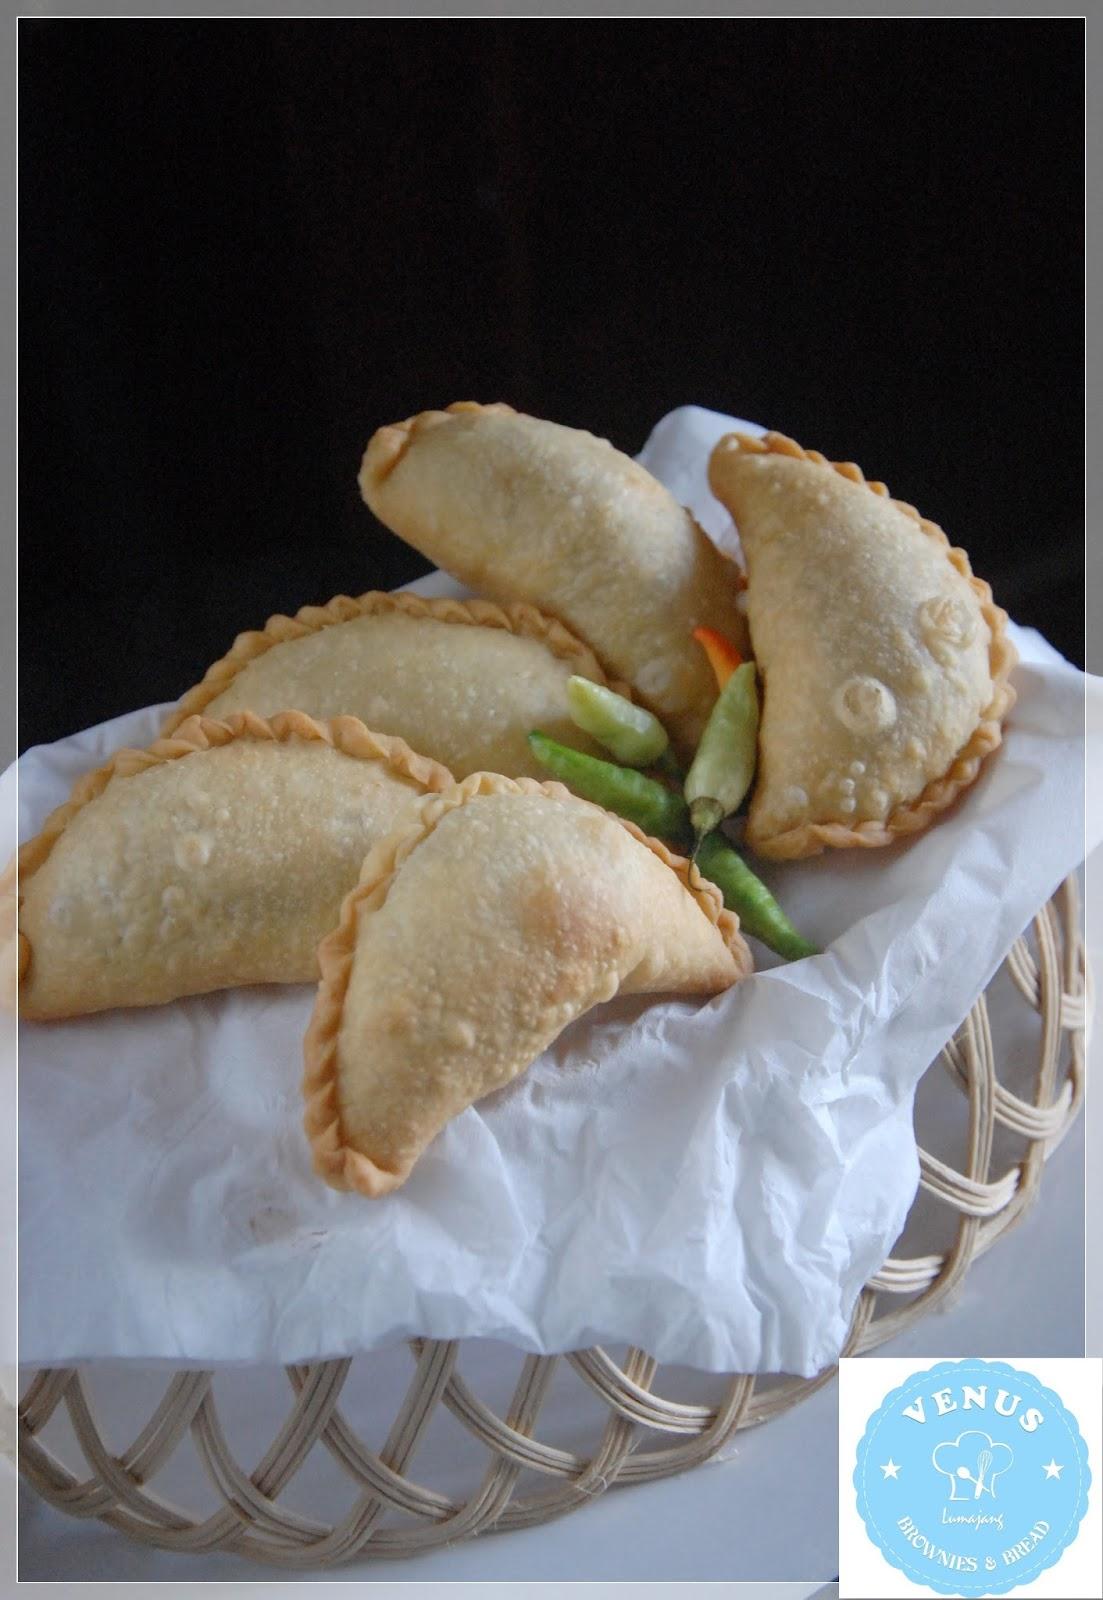 Resep Pastel Goreng Renyah : resep, pastel, goreng, renyah, Venus, Brownies, Bread:, Pastel, Renyah